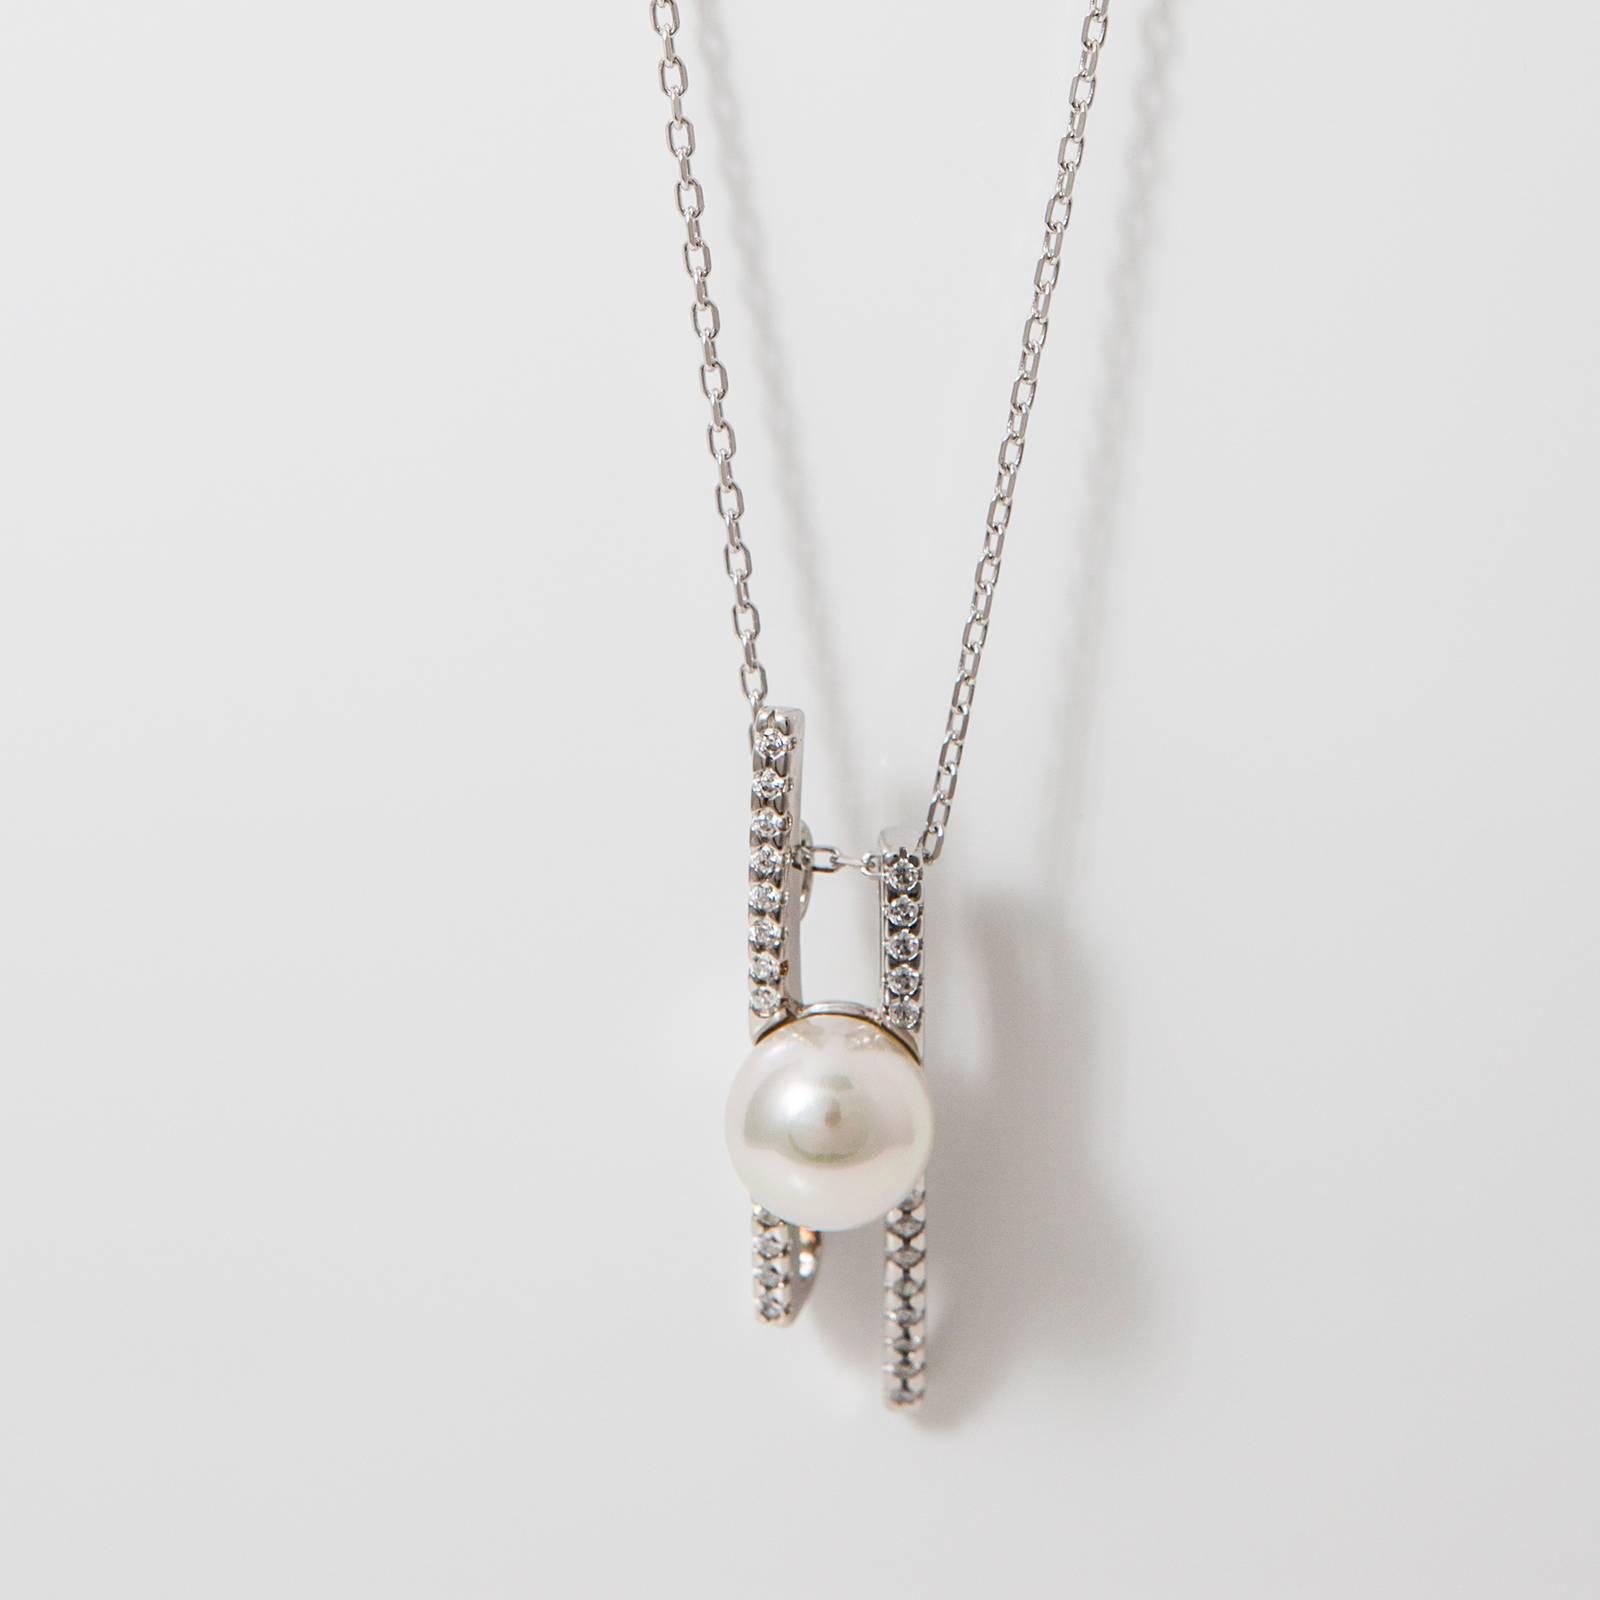 Colar Fine Silver - 15171.01.2